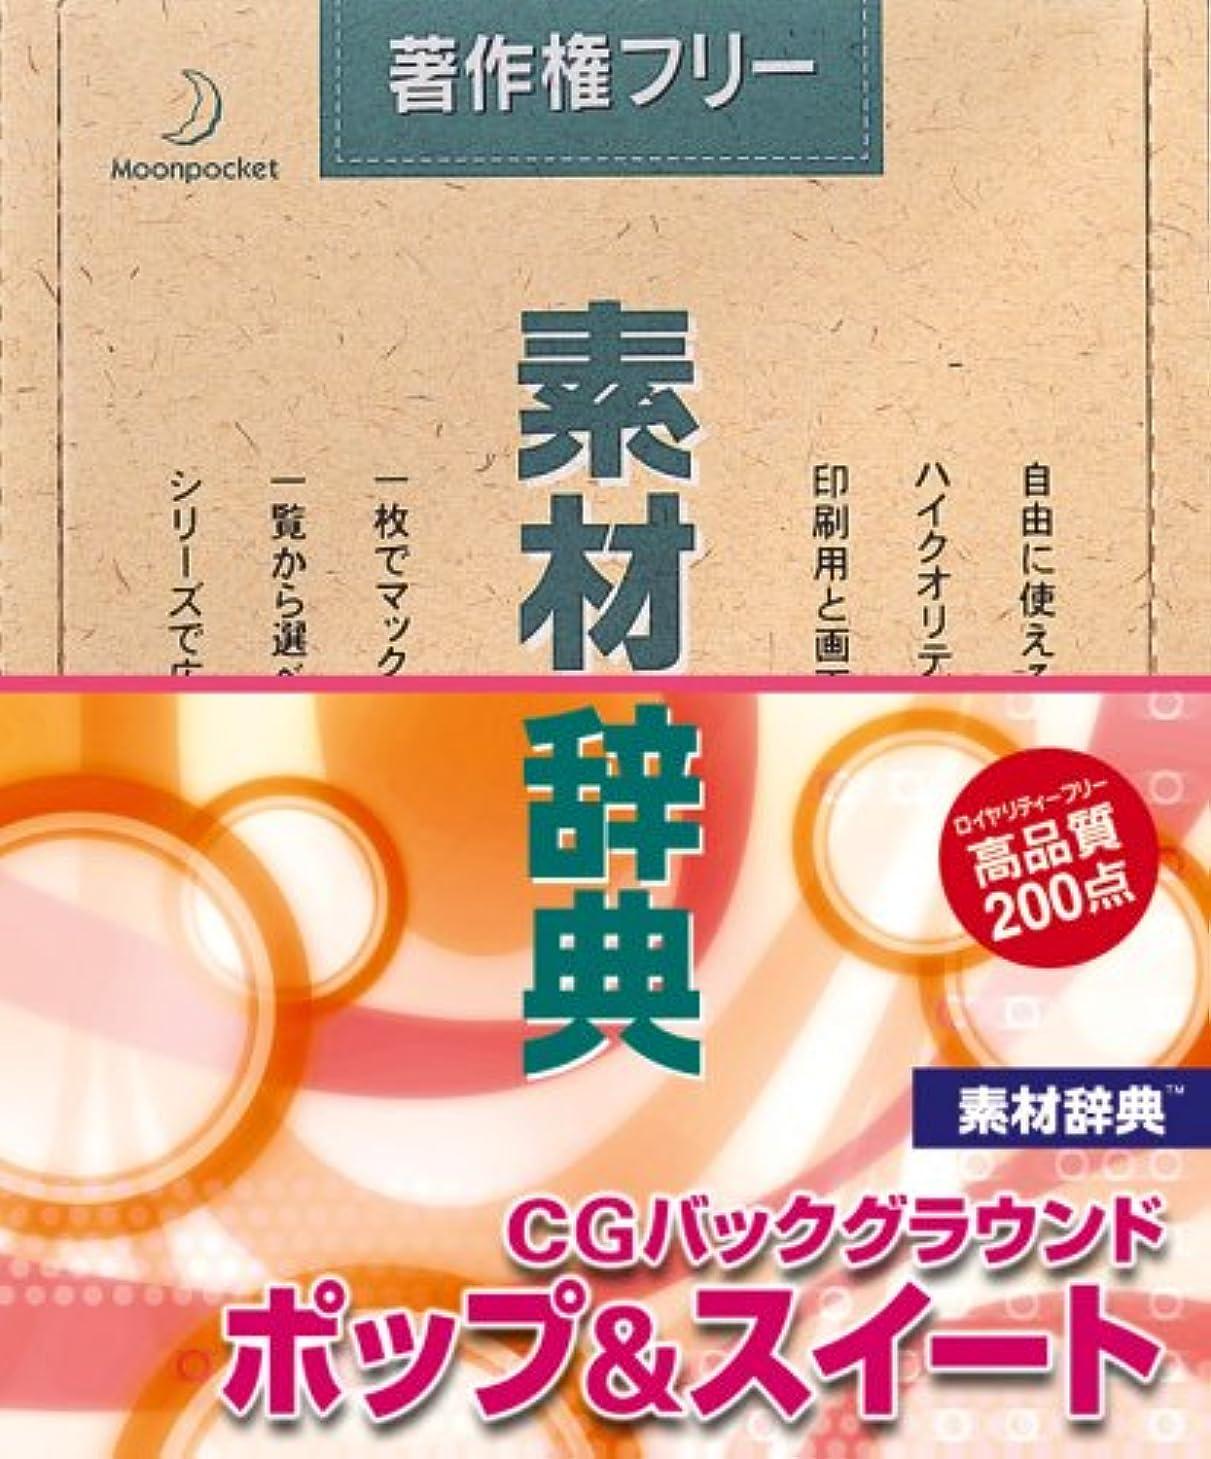 ビバ意気消沈した将来の素材辞典 Vol.147 CGバックグラウンド ポップ&スイート